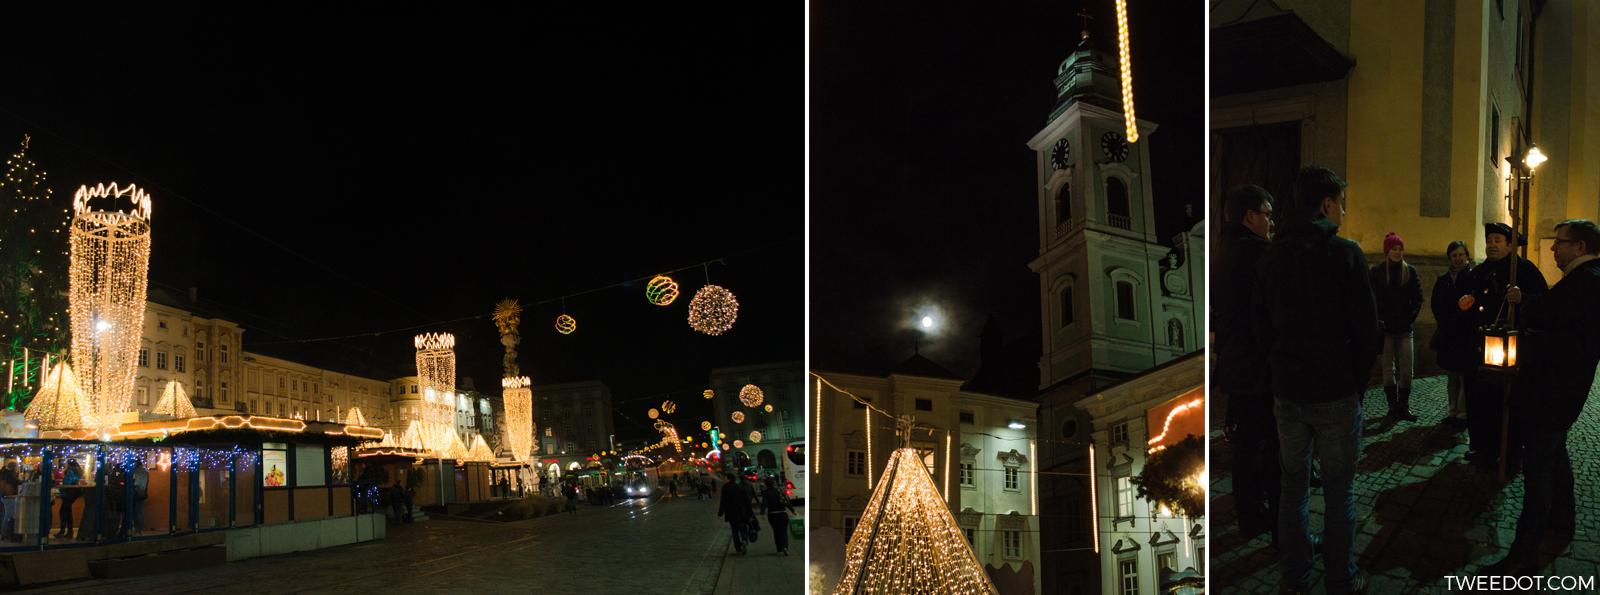 Tweedot - Tra le Capitali Europee da Visitare C'è Linz, Capitale Europea della Cultura e Patrimonio dell'Unesco